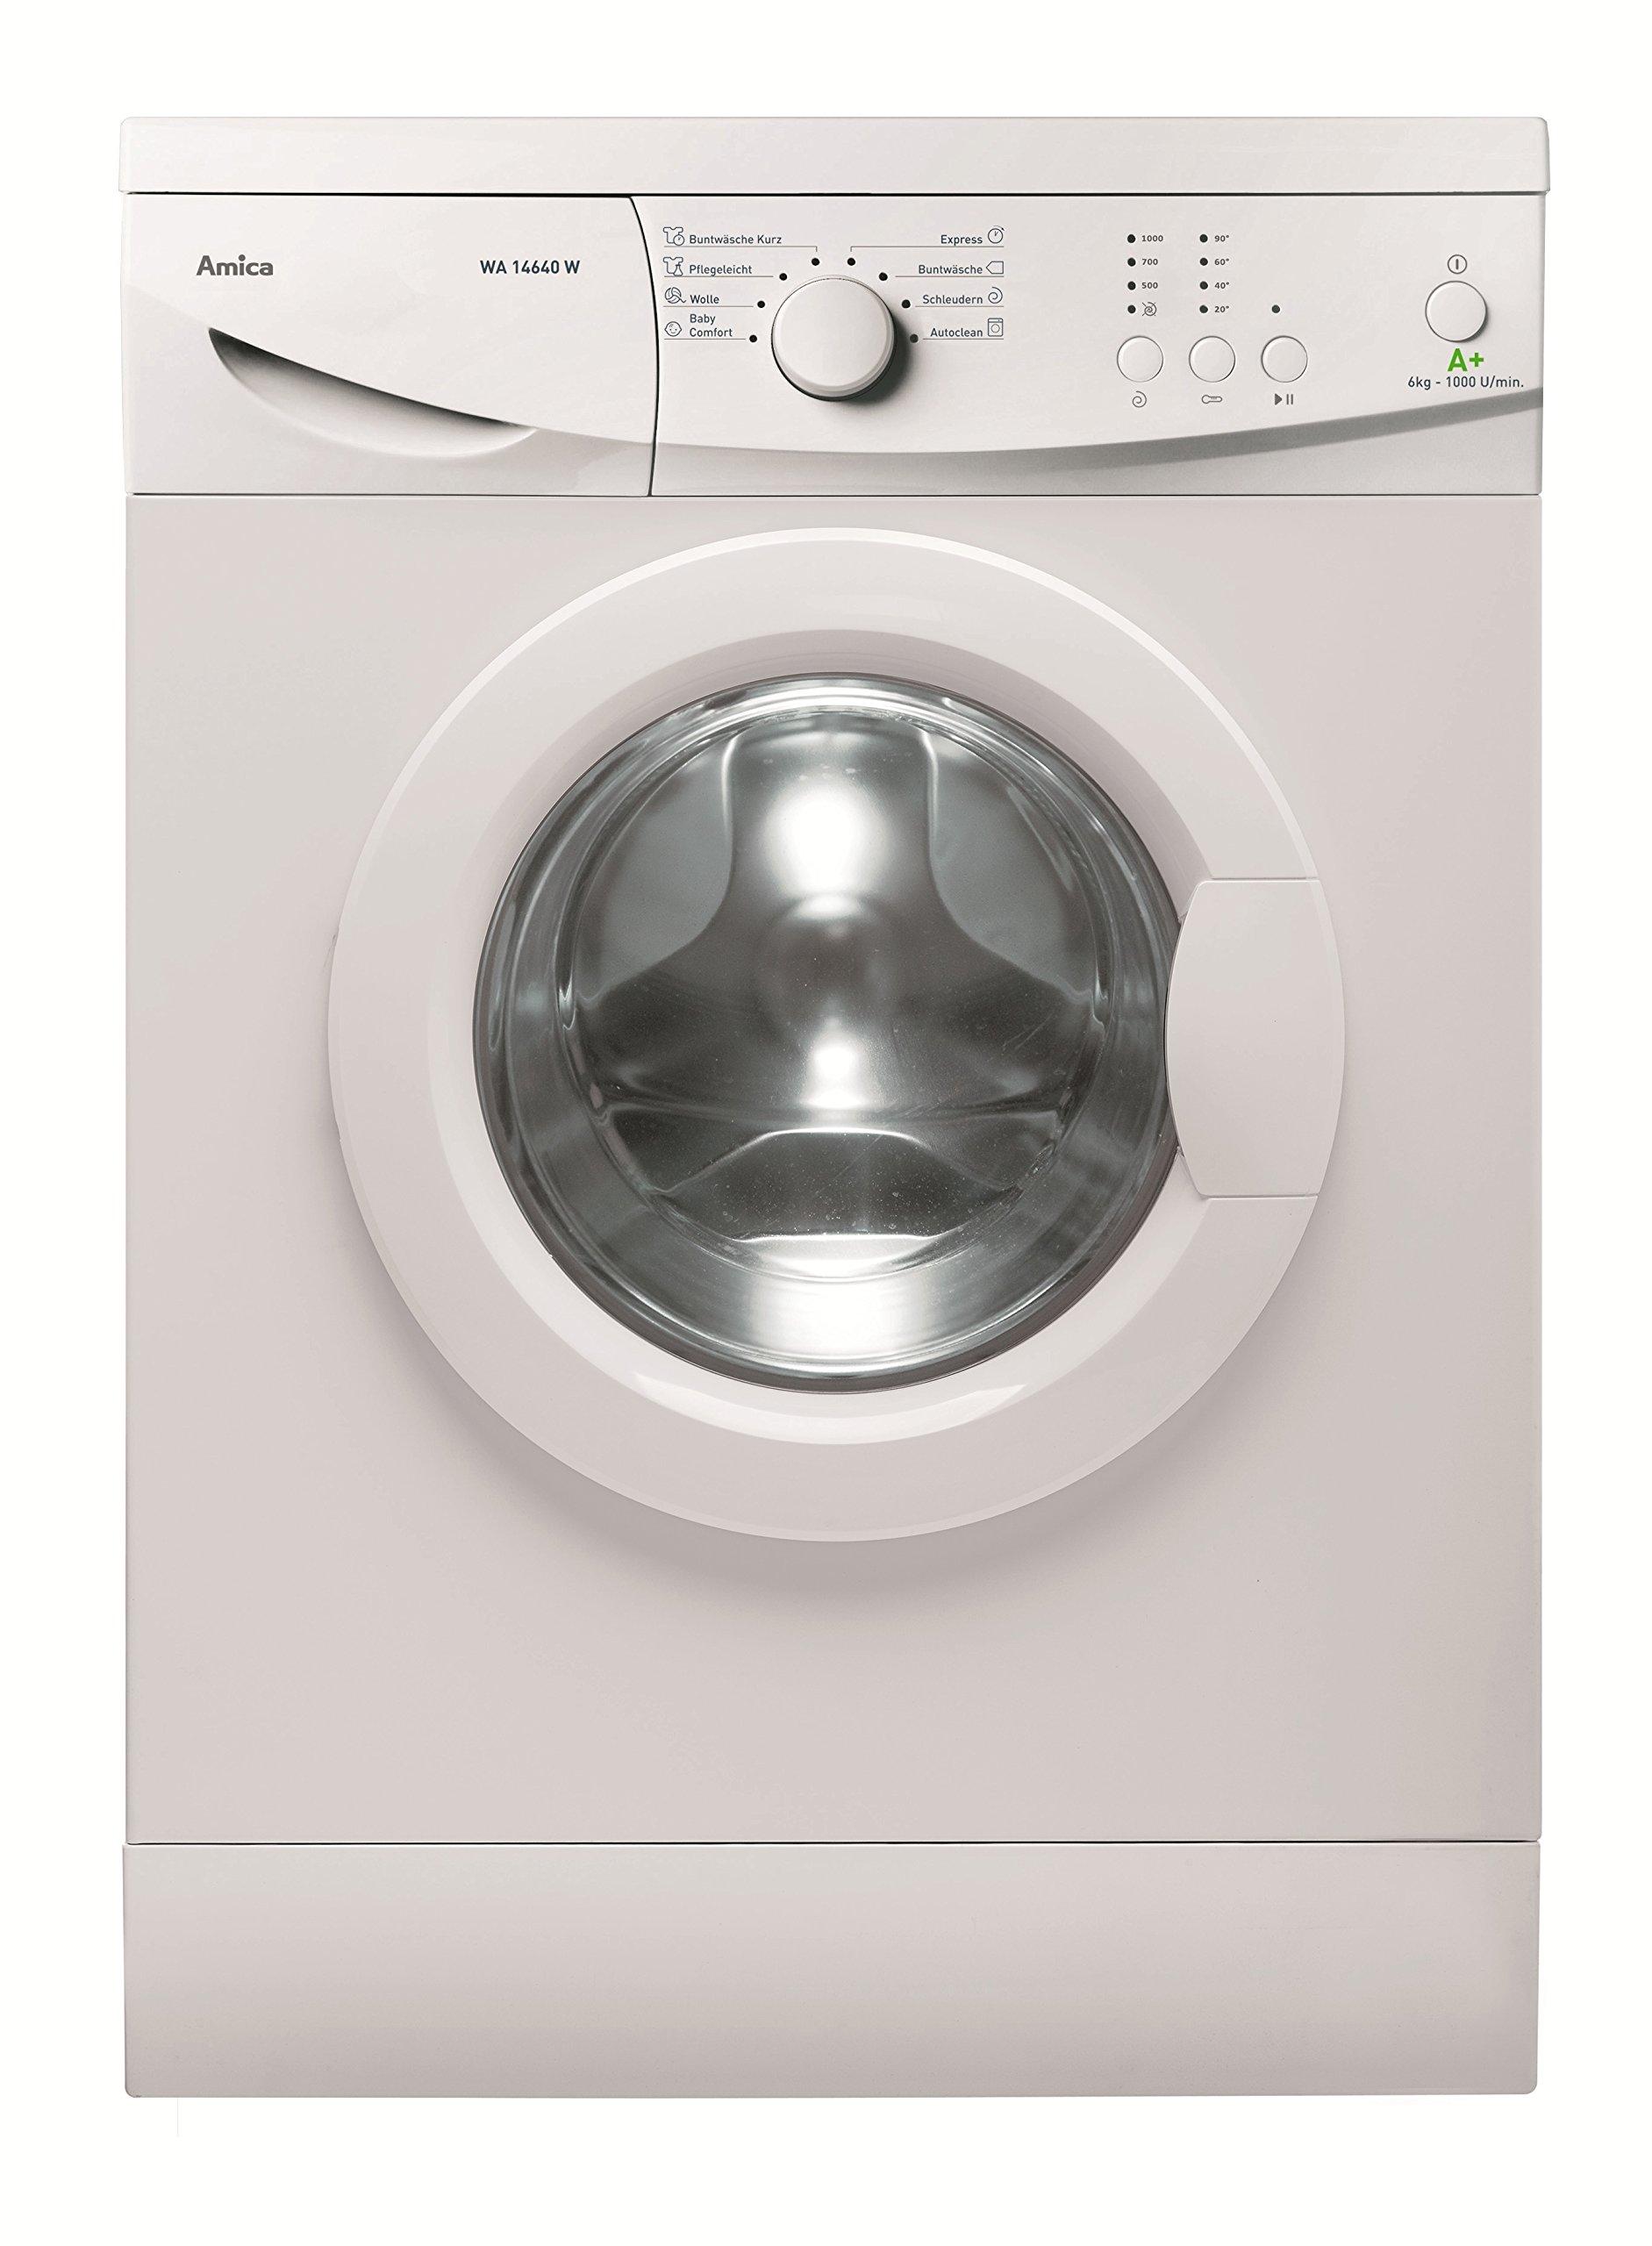 Amica-WA-14640-W-Waschmaschine-FLA-196-kWhJahr-1000-UpM-6-kg-9240-LJahrElektronisch-mit-8-Haupt-Programmen-2-Zusatzfunktionen-Temperaturwahl-Schleuderwahlwei